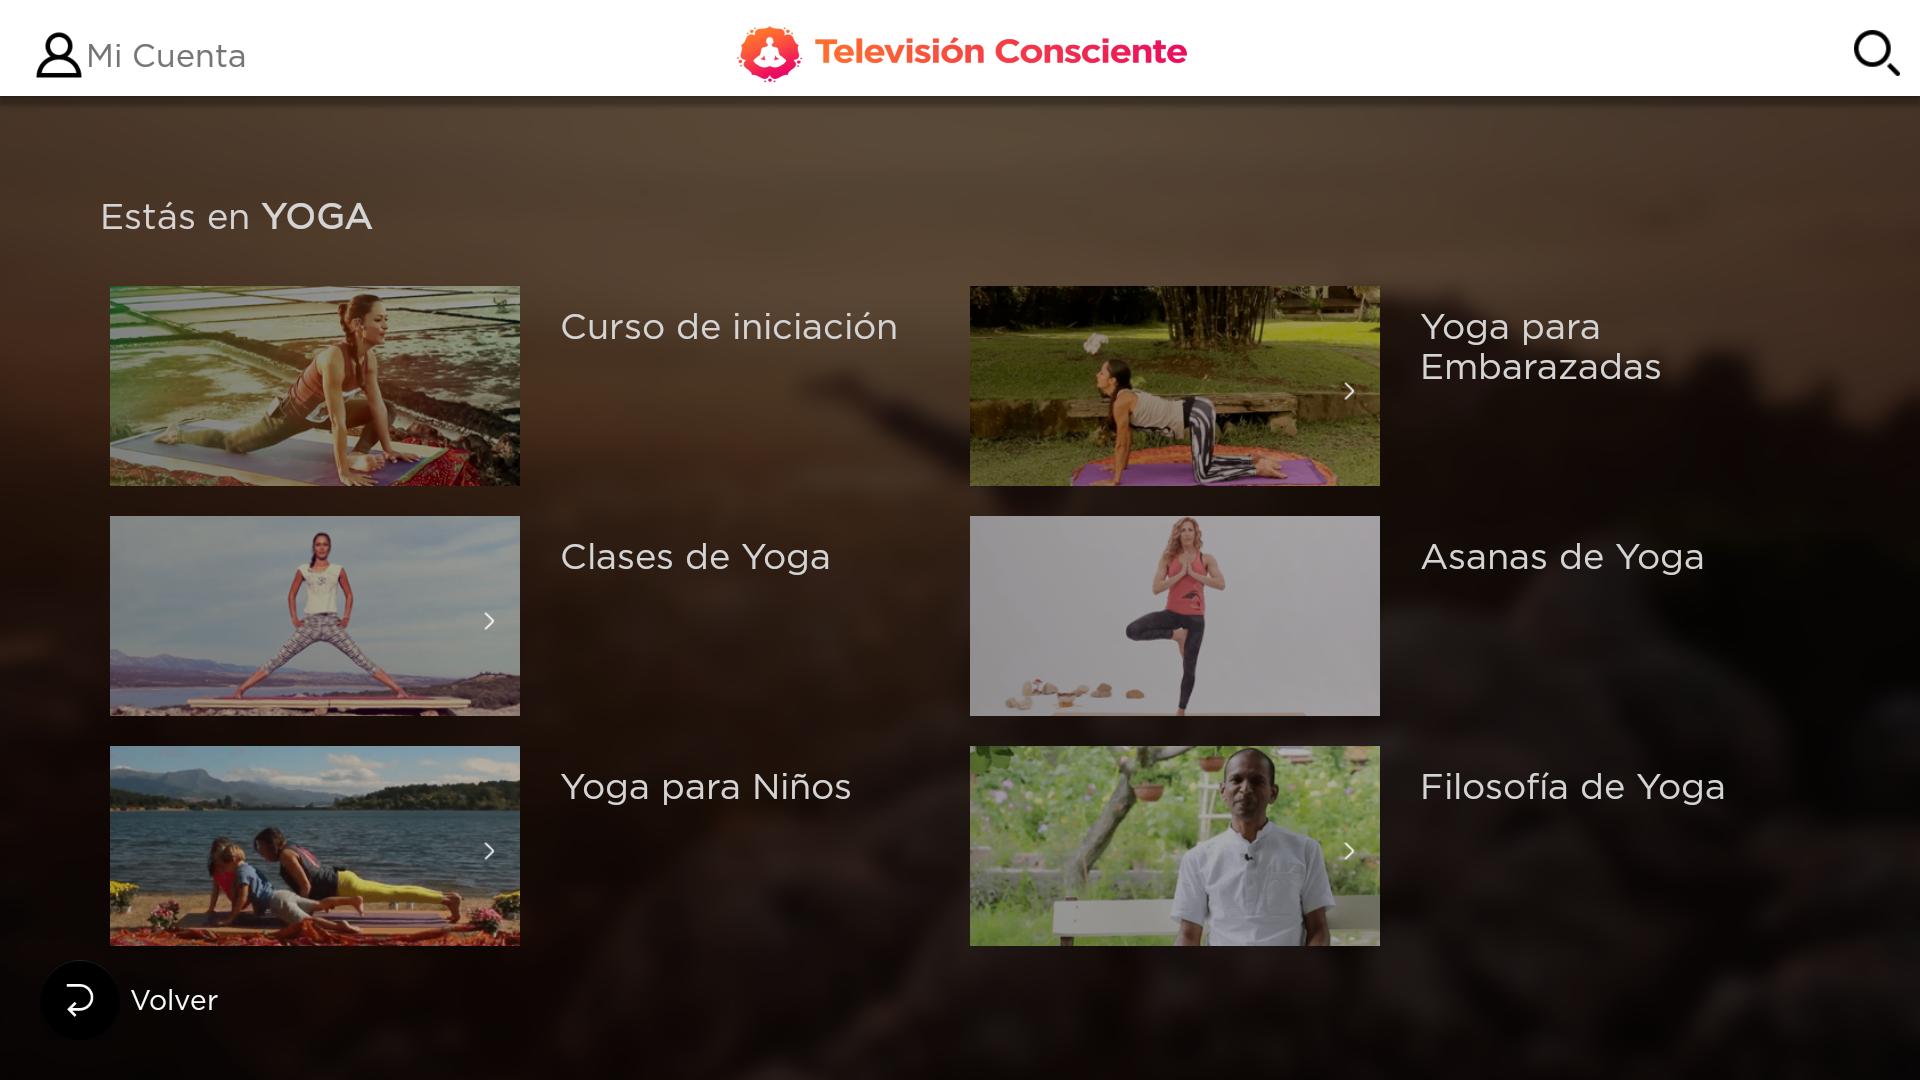 TV Consciente - Yoga, meditación, vida saludable